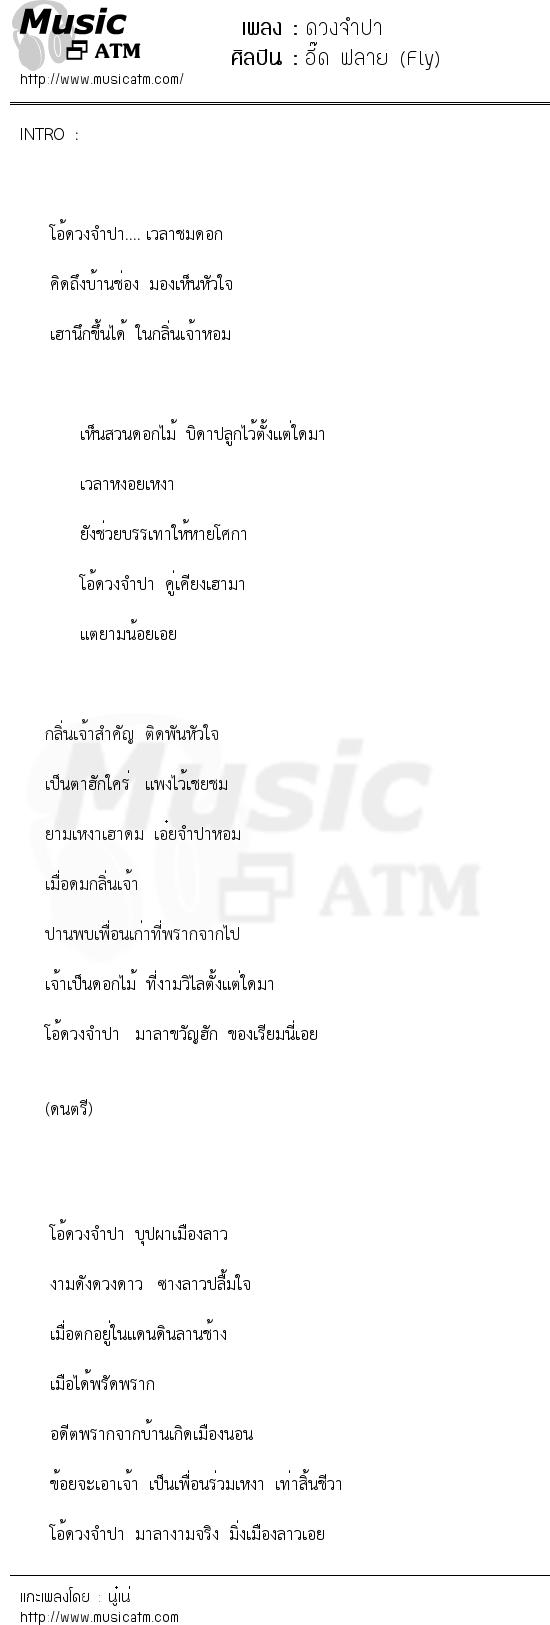 ดวงจำปา   เพลงไทย